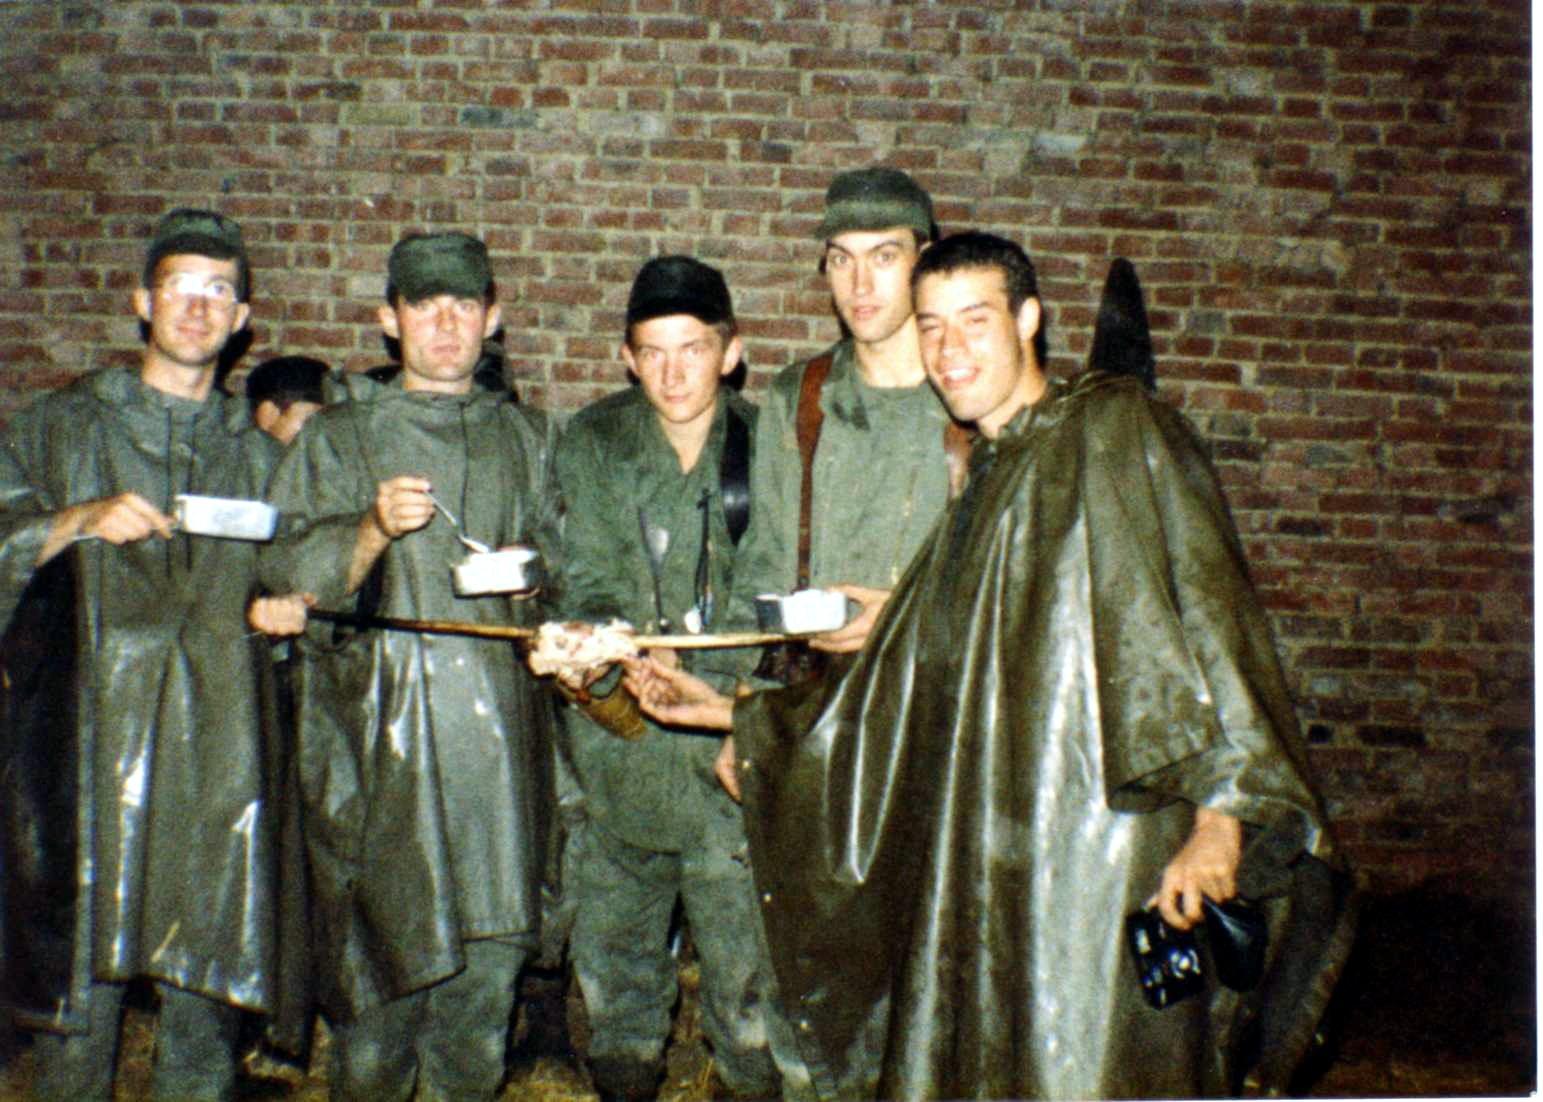 Amicale du 8 hussards album photos des portes ouvertes 1984 for Repas entre copains